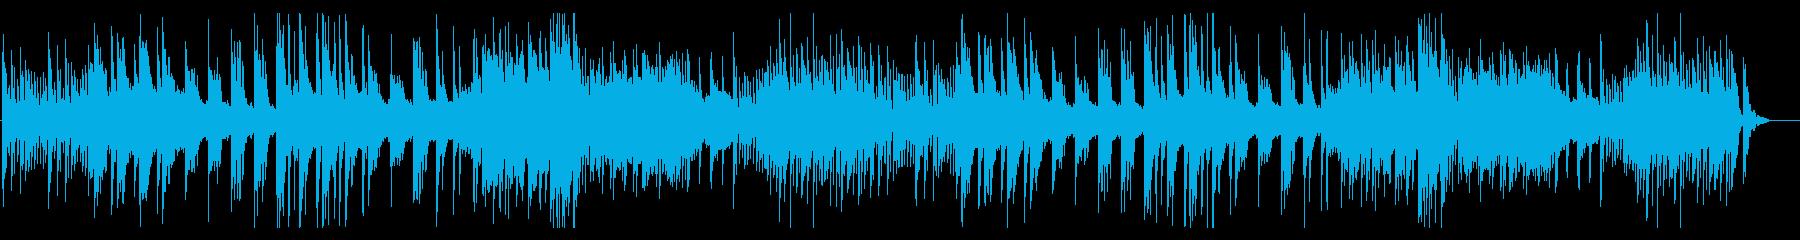 琴とピアノが響く、癒しの和風BGMの再生済みの波形